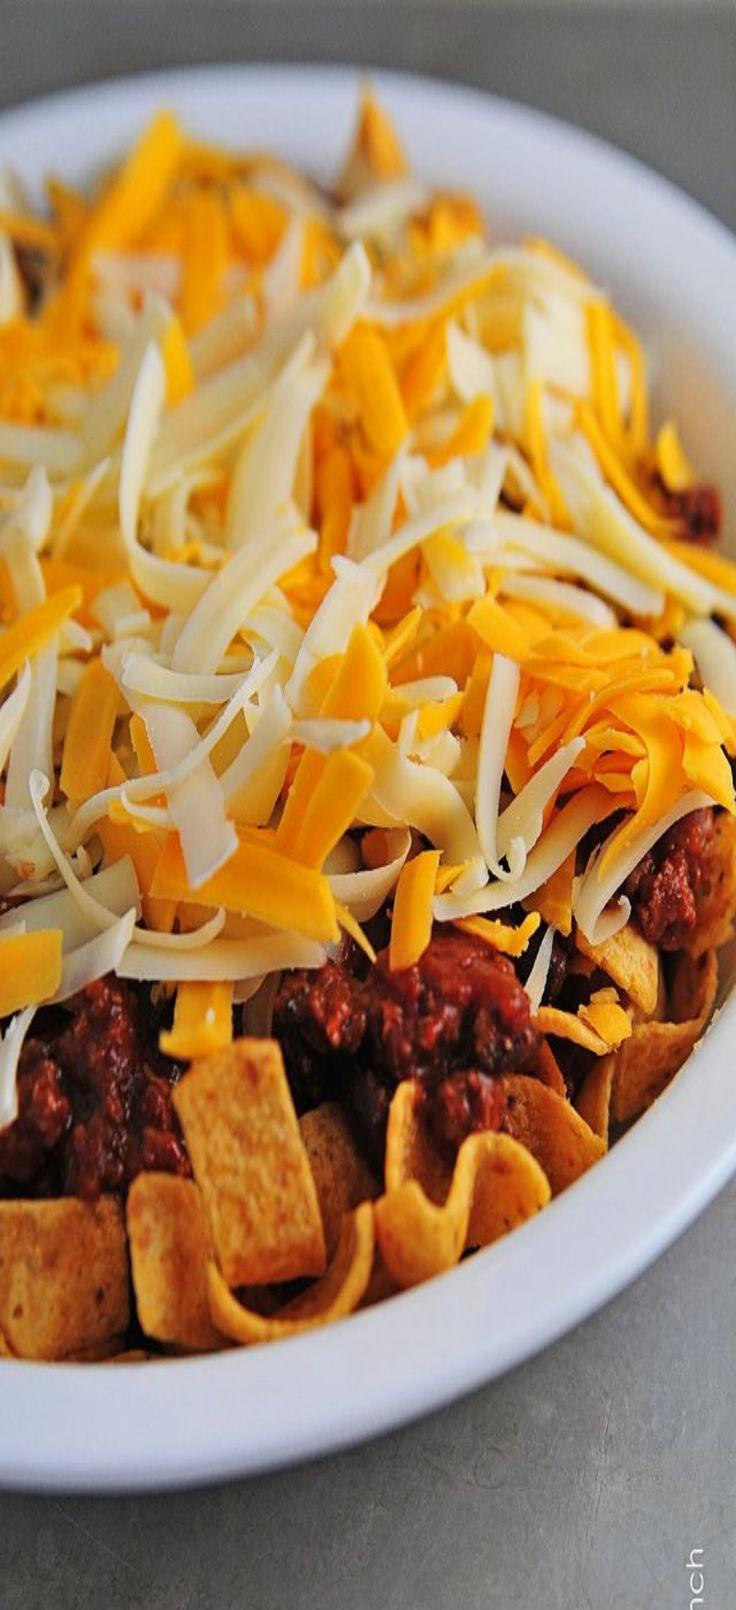 are chili fritos gluten free